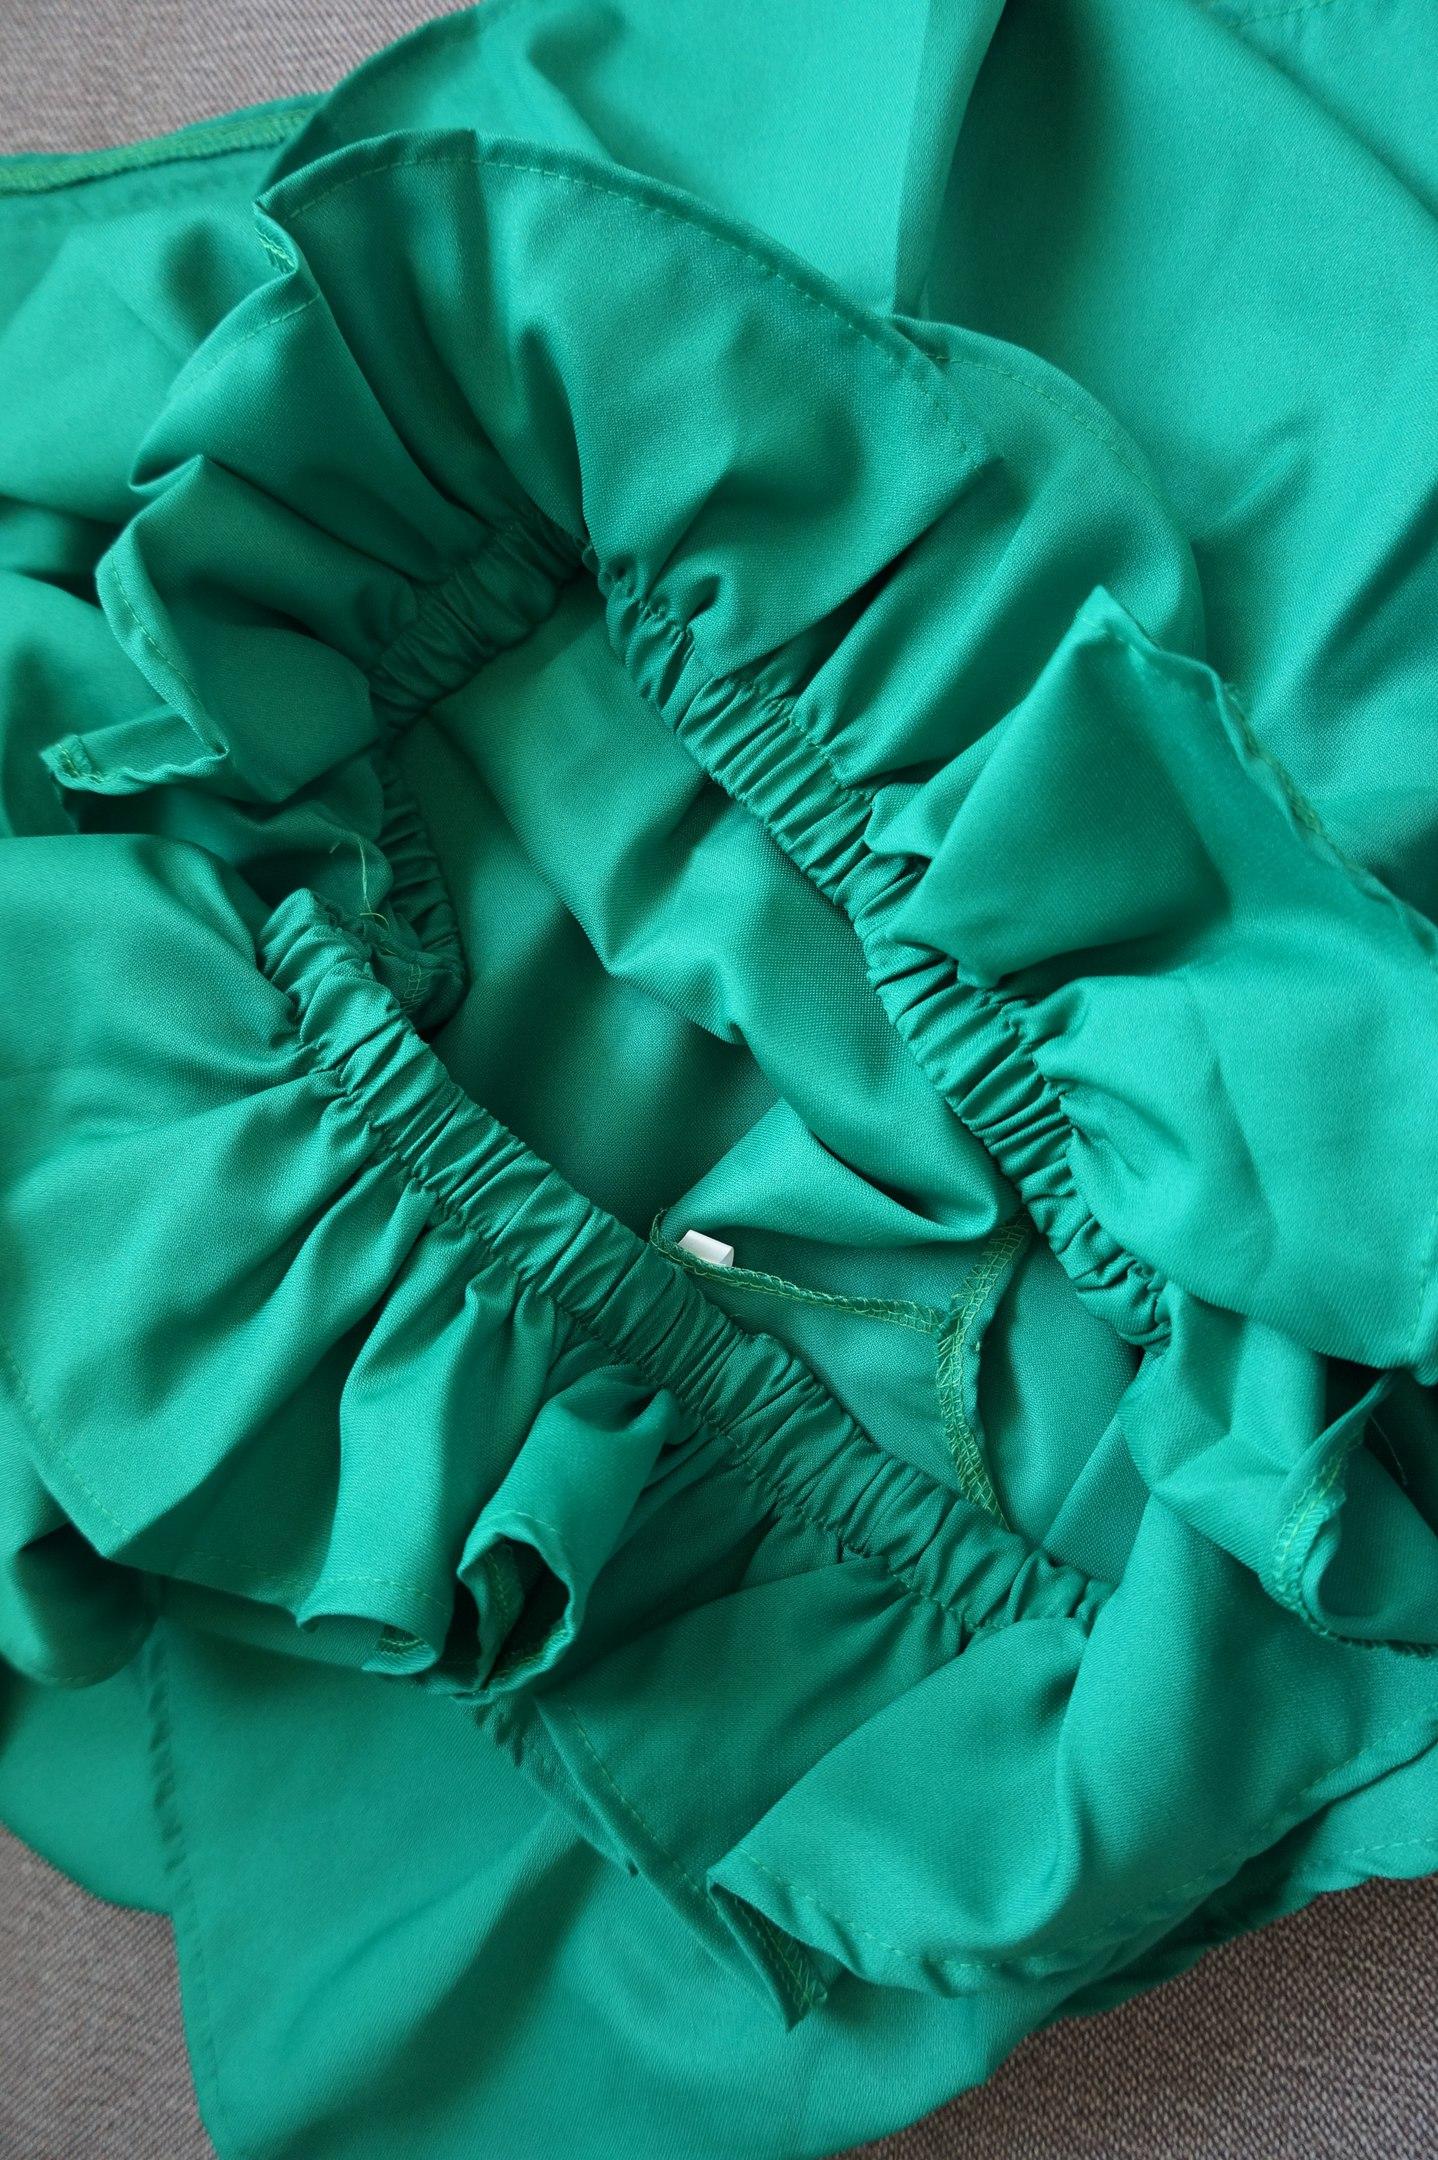 Платье-мешок с объемными рюшами красивого зелного цвета Я ожидала ткань - шифон легкую струящуюся У продавца заявлен пол